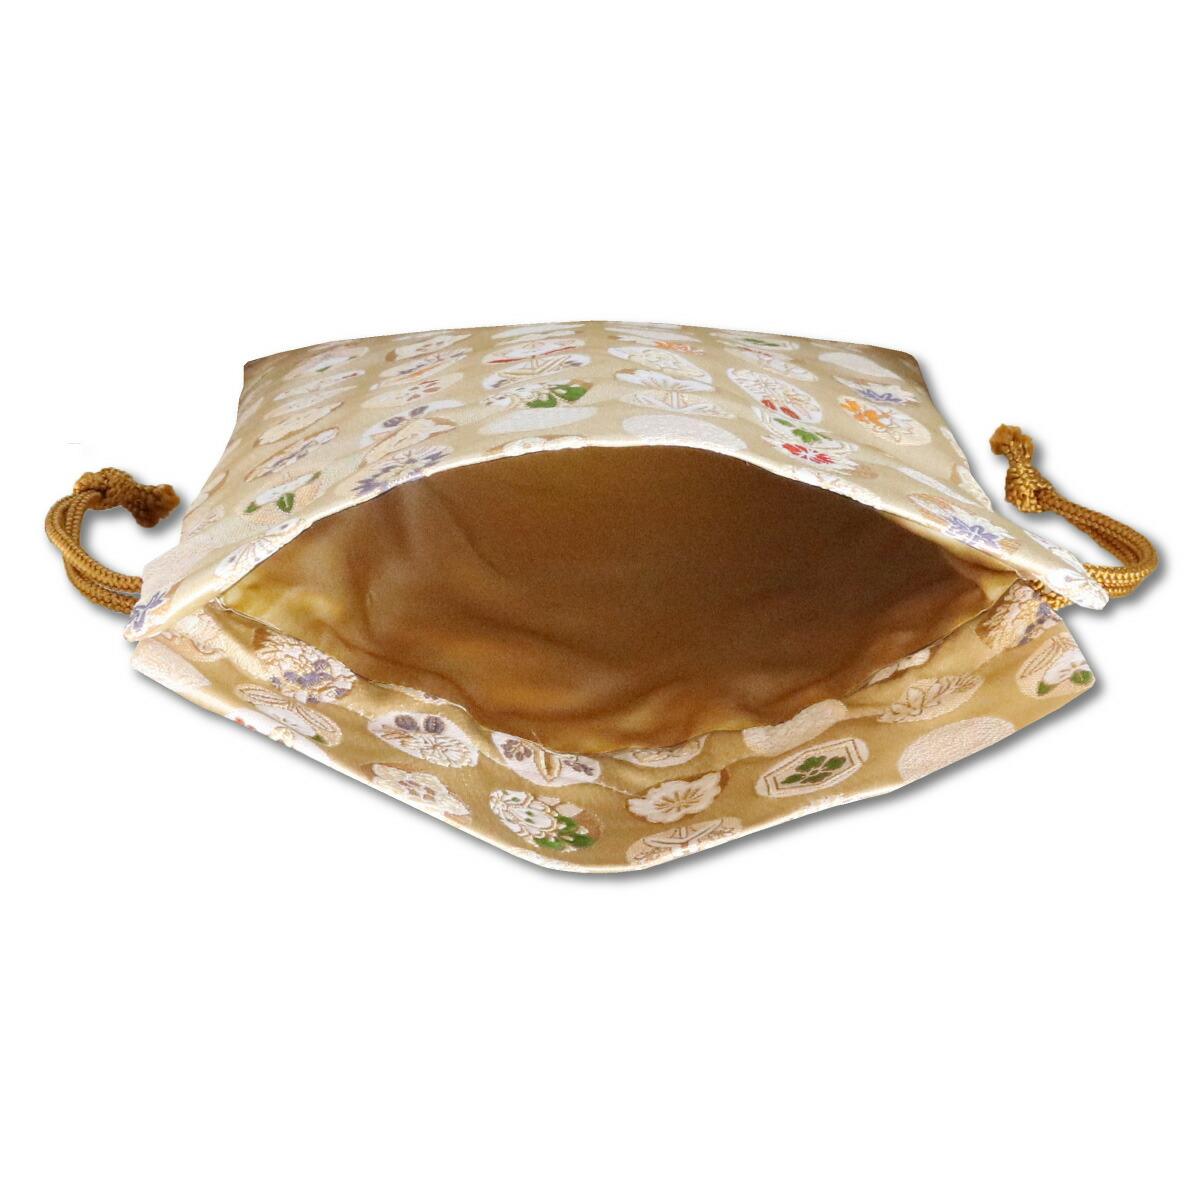 【御朱印帳収納袋】丸華紋 金色巾着袋